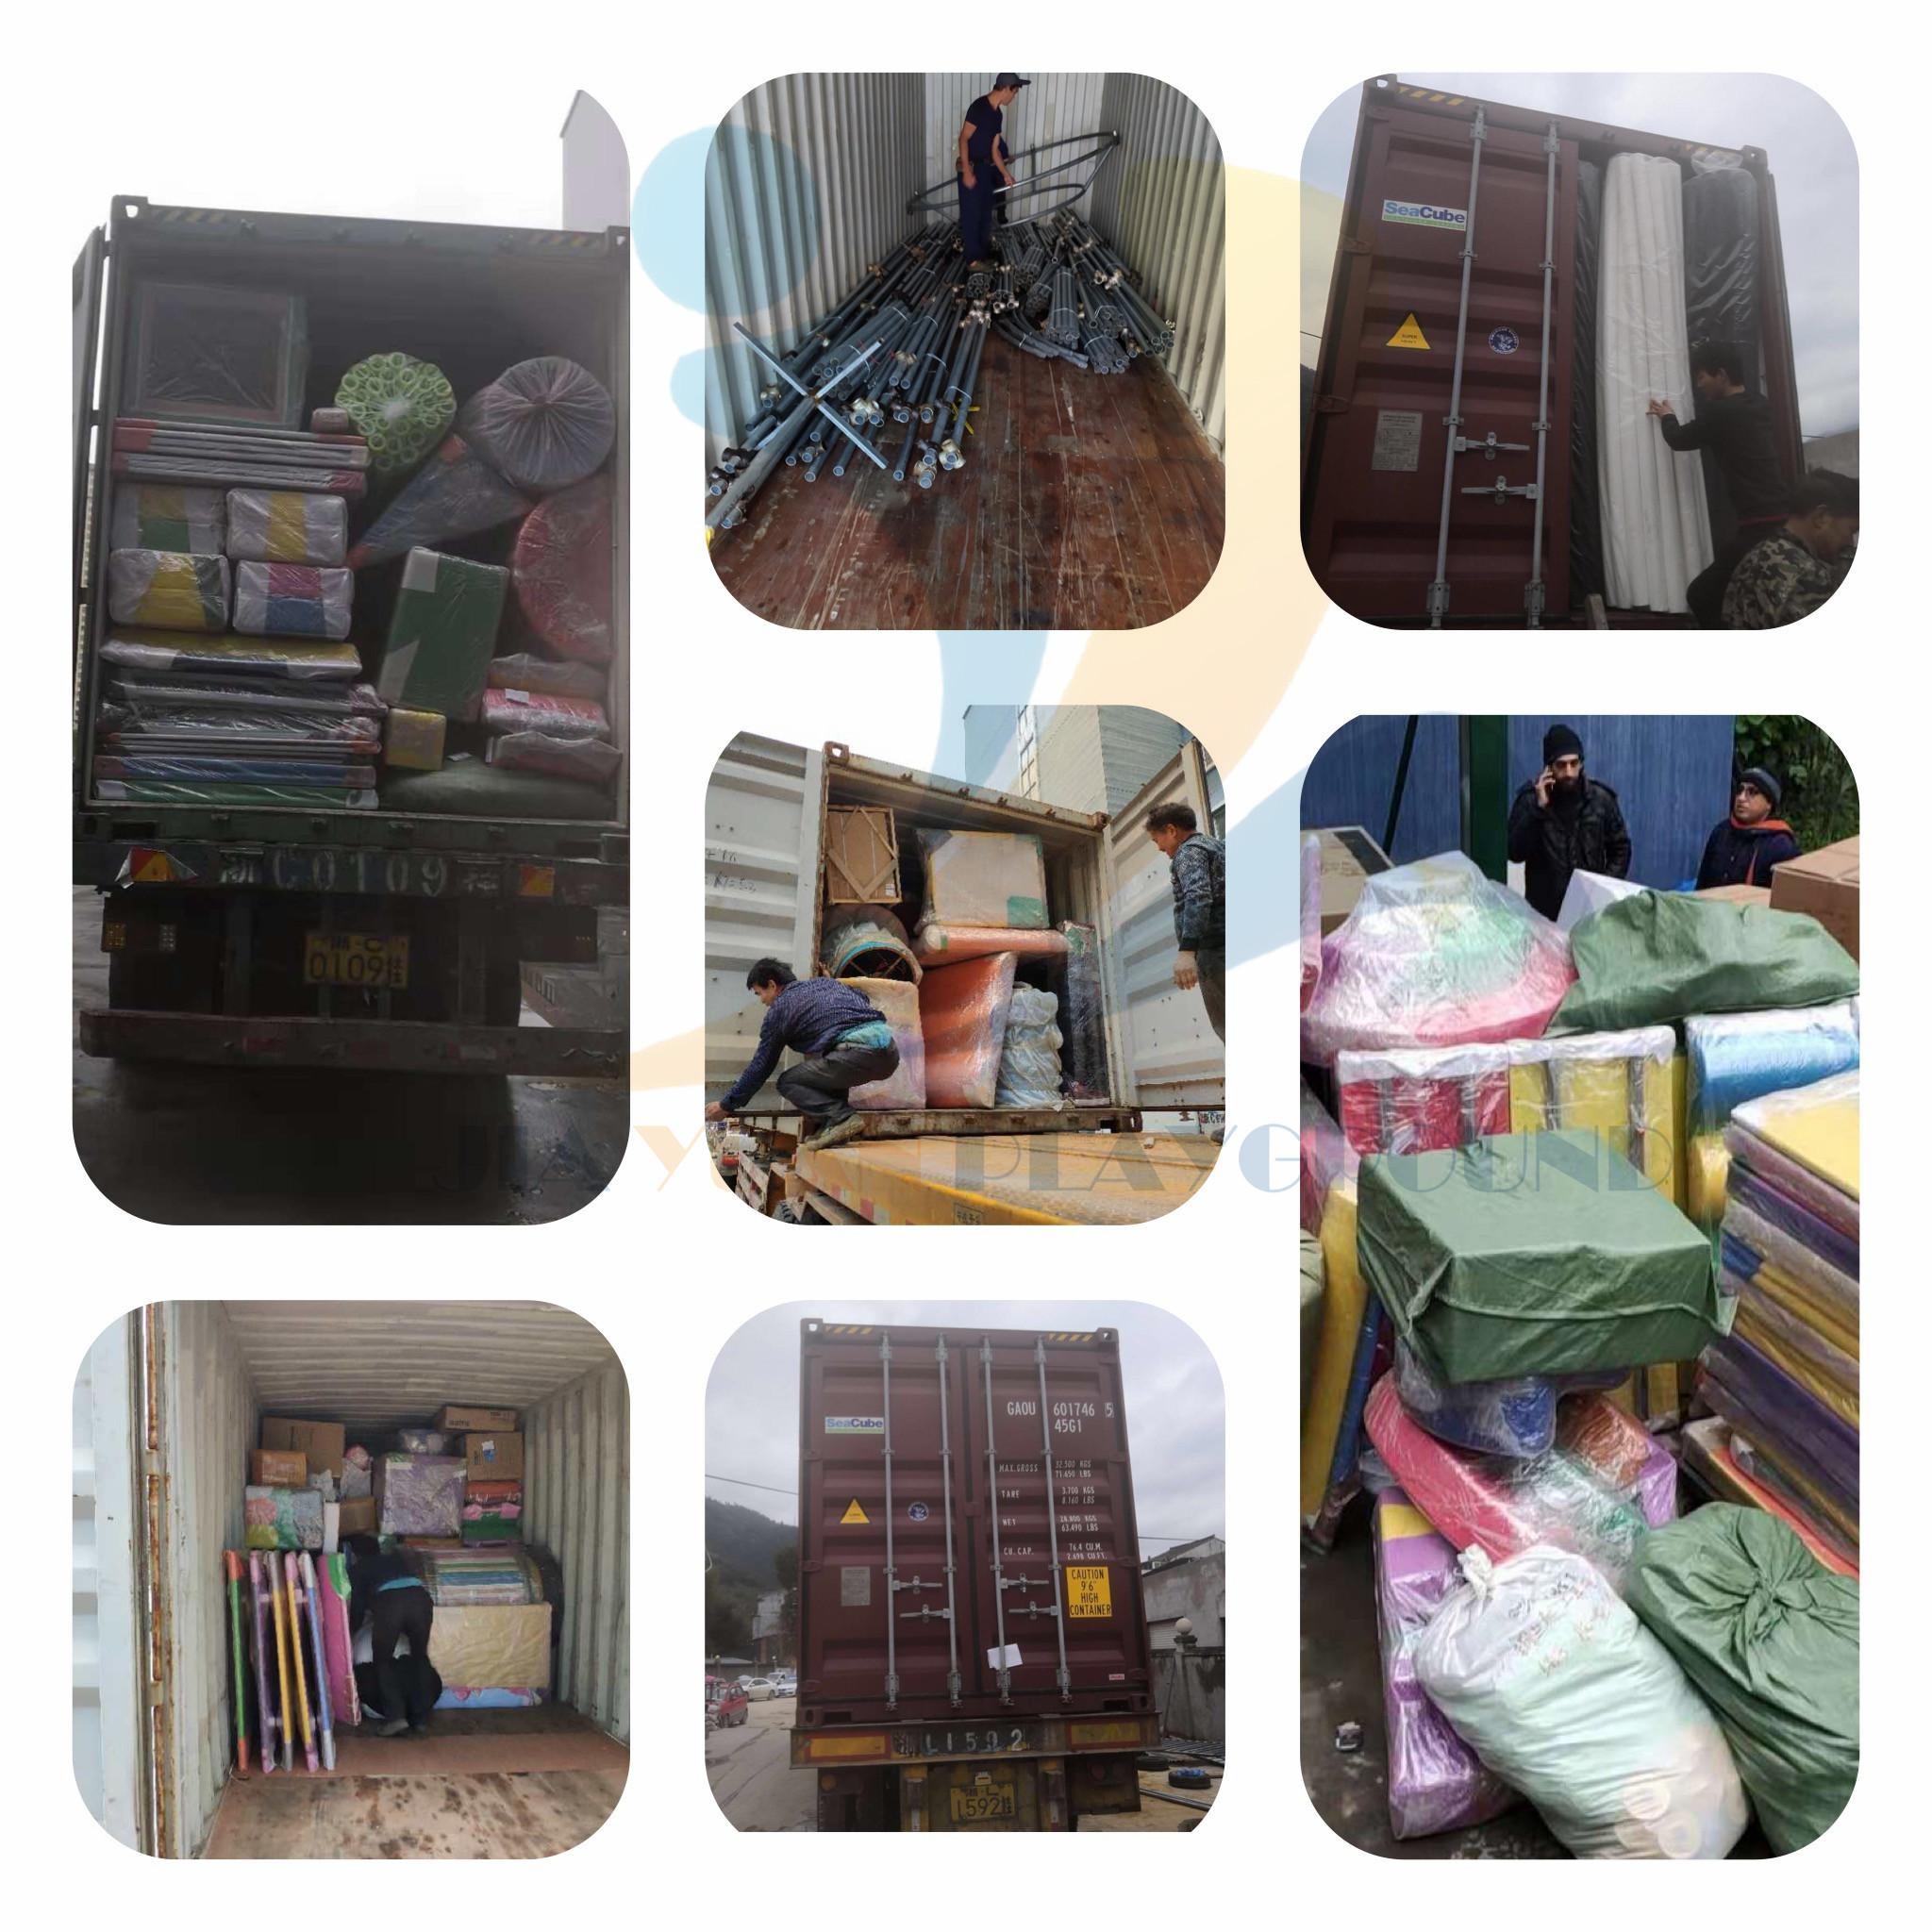 Comercial Ginásio Equipamentos de Ginástica Ao Ar Livre de aço Galvanizado, China Venda Quente equipamentos de ginástica do parque